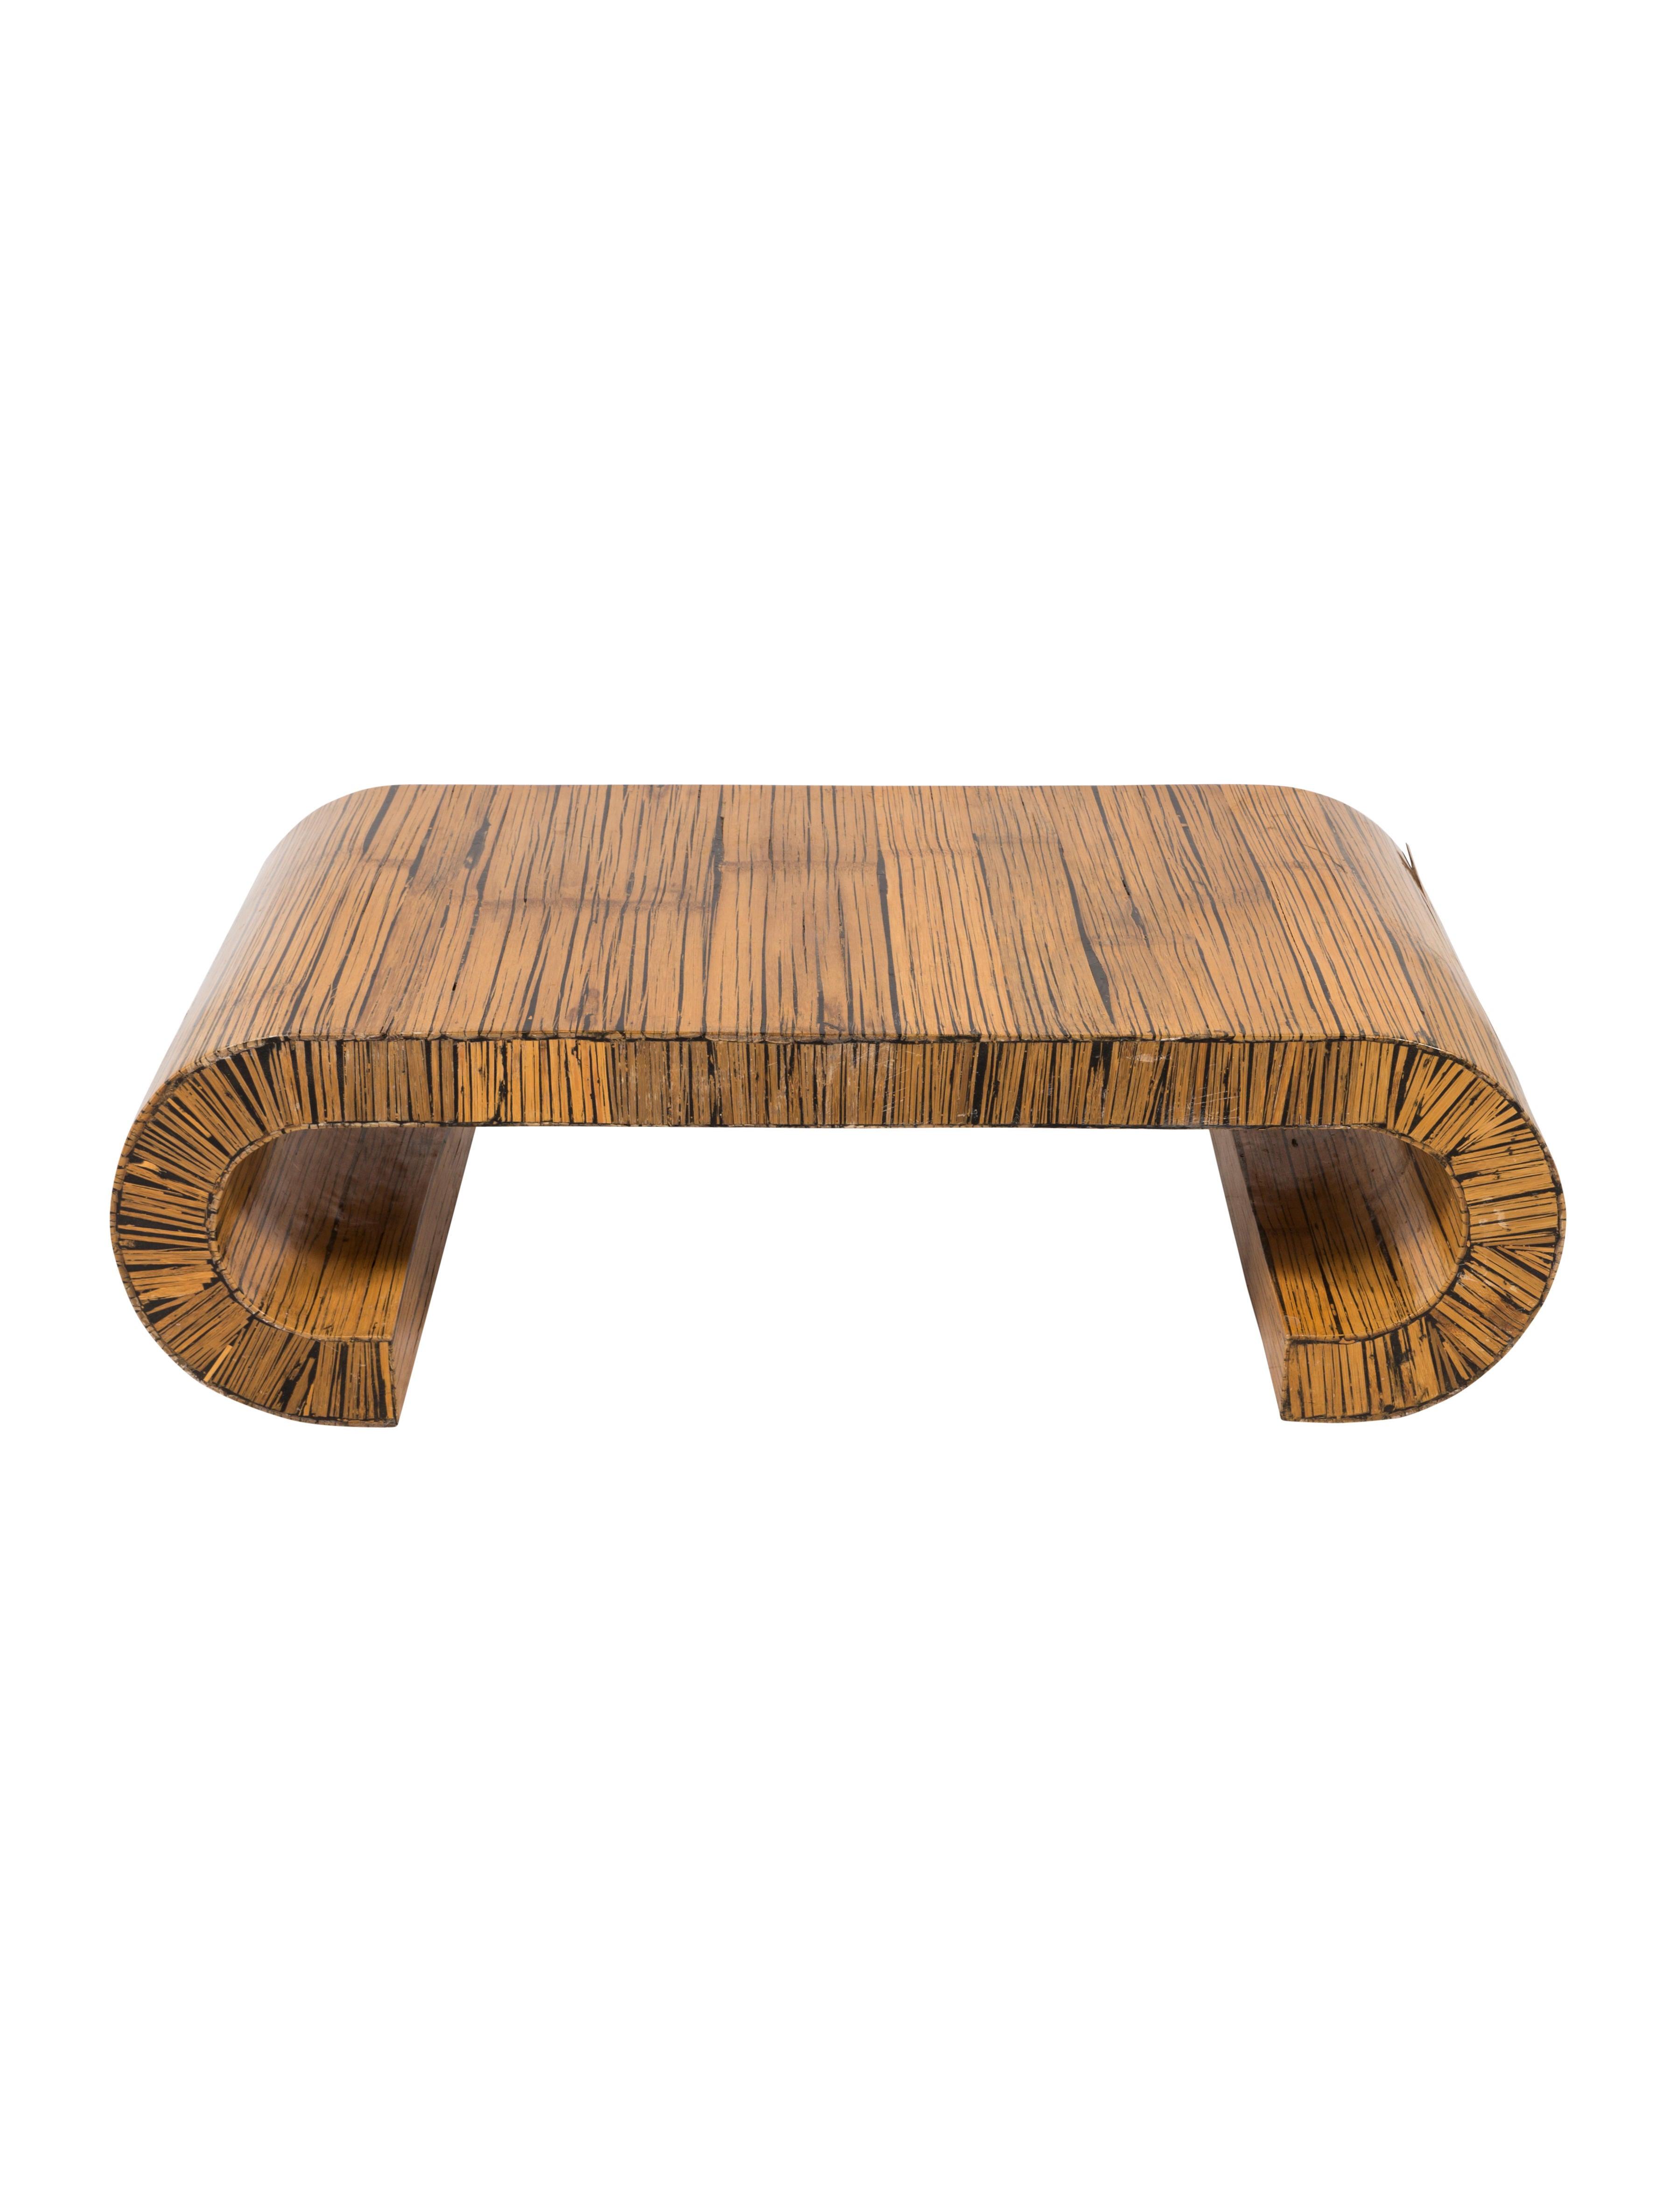 Curved Wood Coffee Table Furniture Furni20550 The